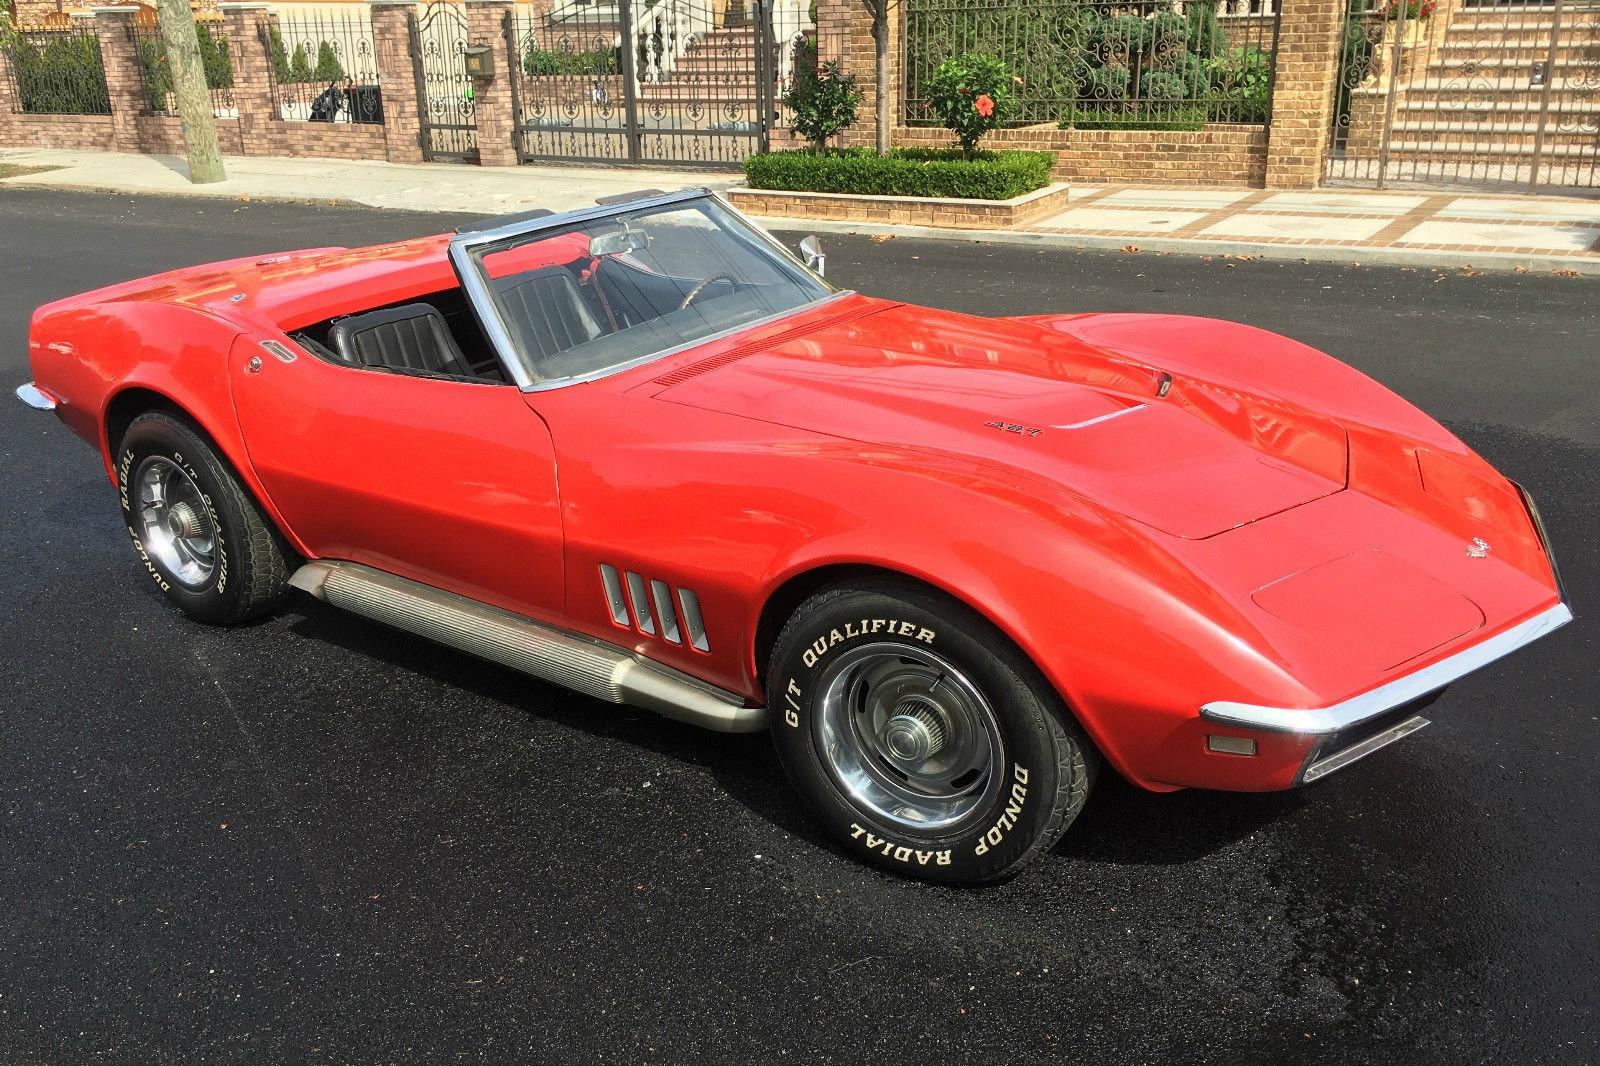 Big Block Driver 1968 Corvette Convertible